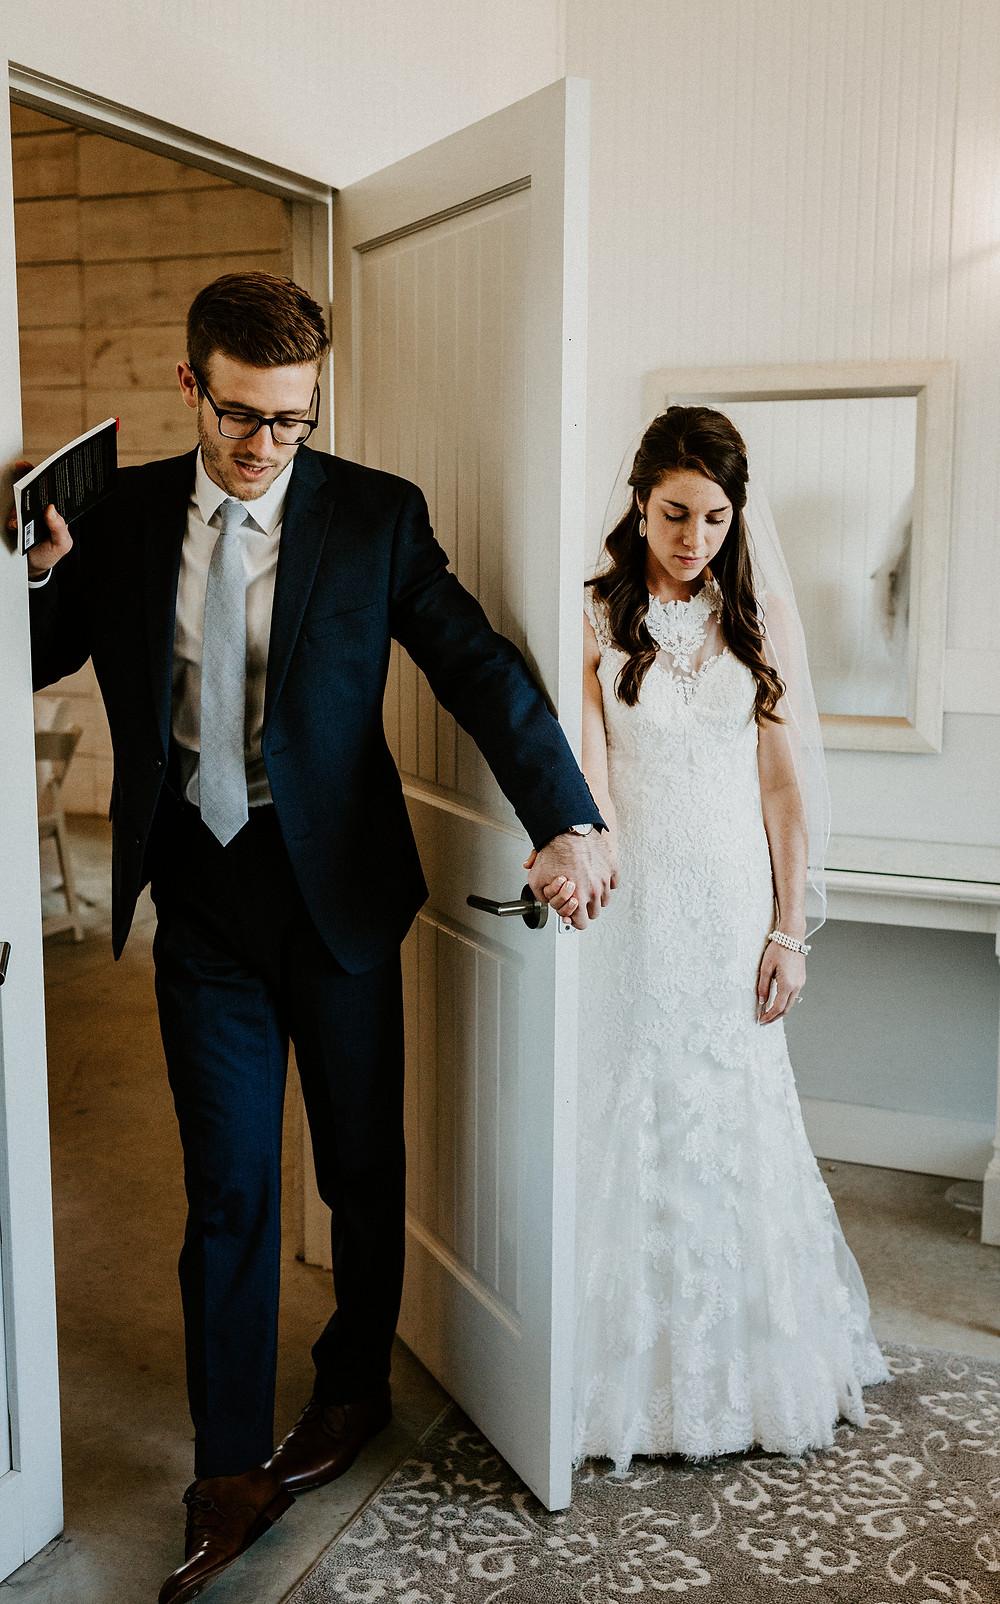 Around the door wedding picture